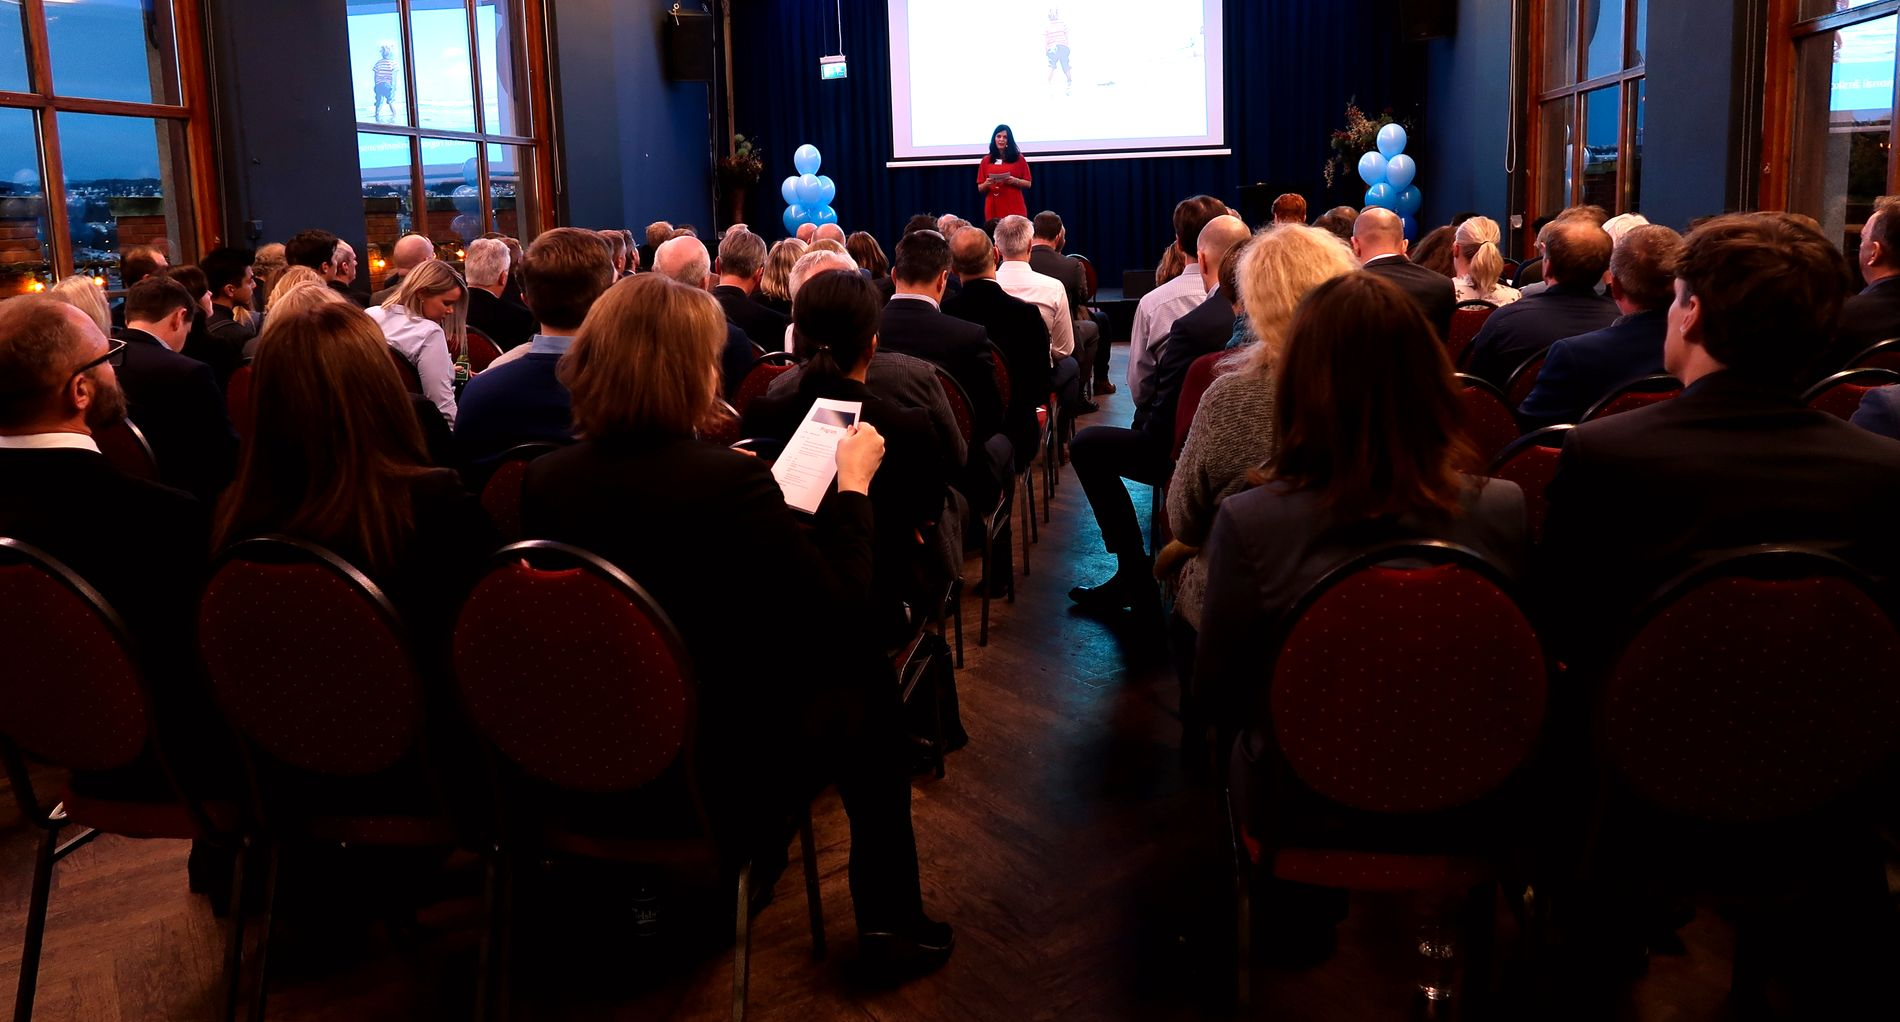 NYTT NAVN: Regiondirektør Nina Solli åpnet årskonferansen til NHO Viken Oslo på Stratos tirsdag.